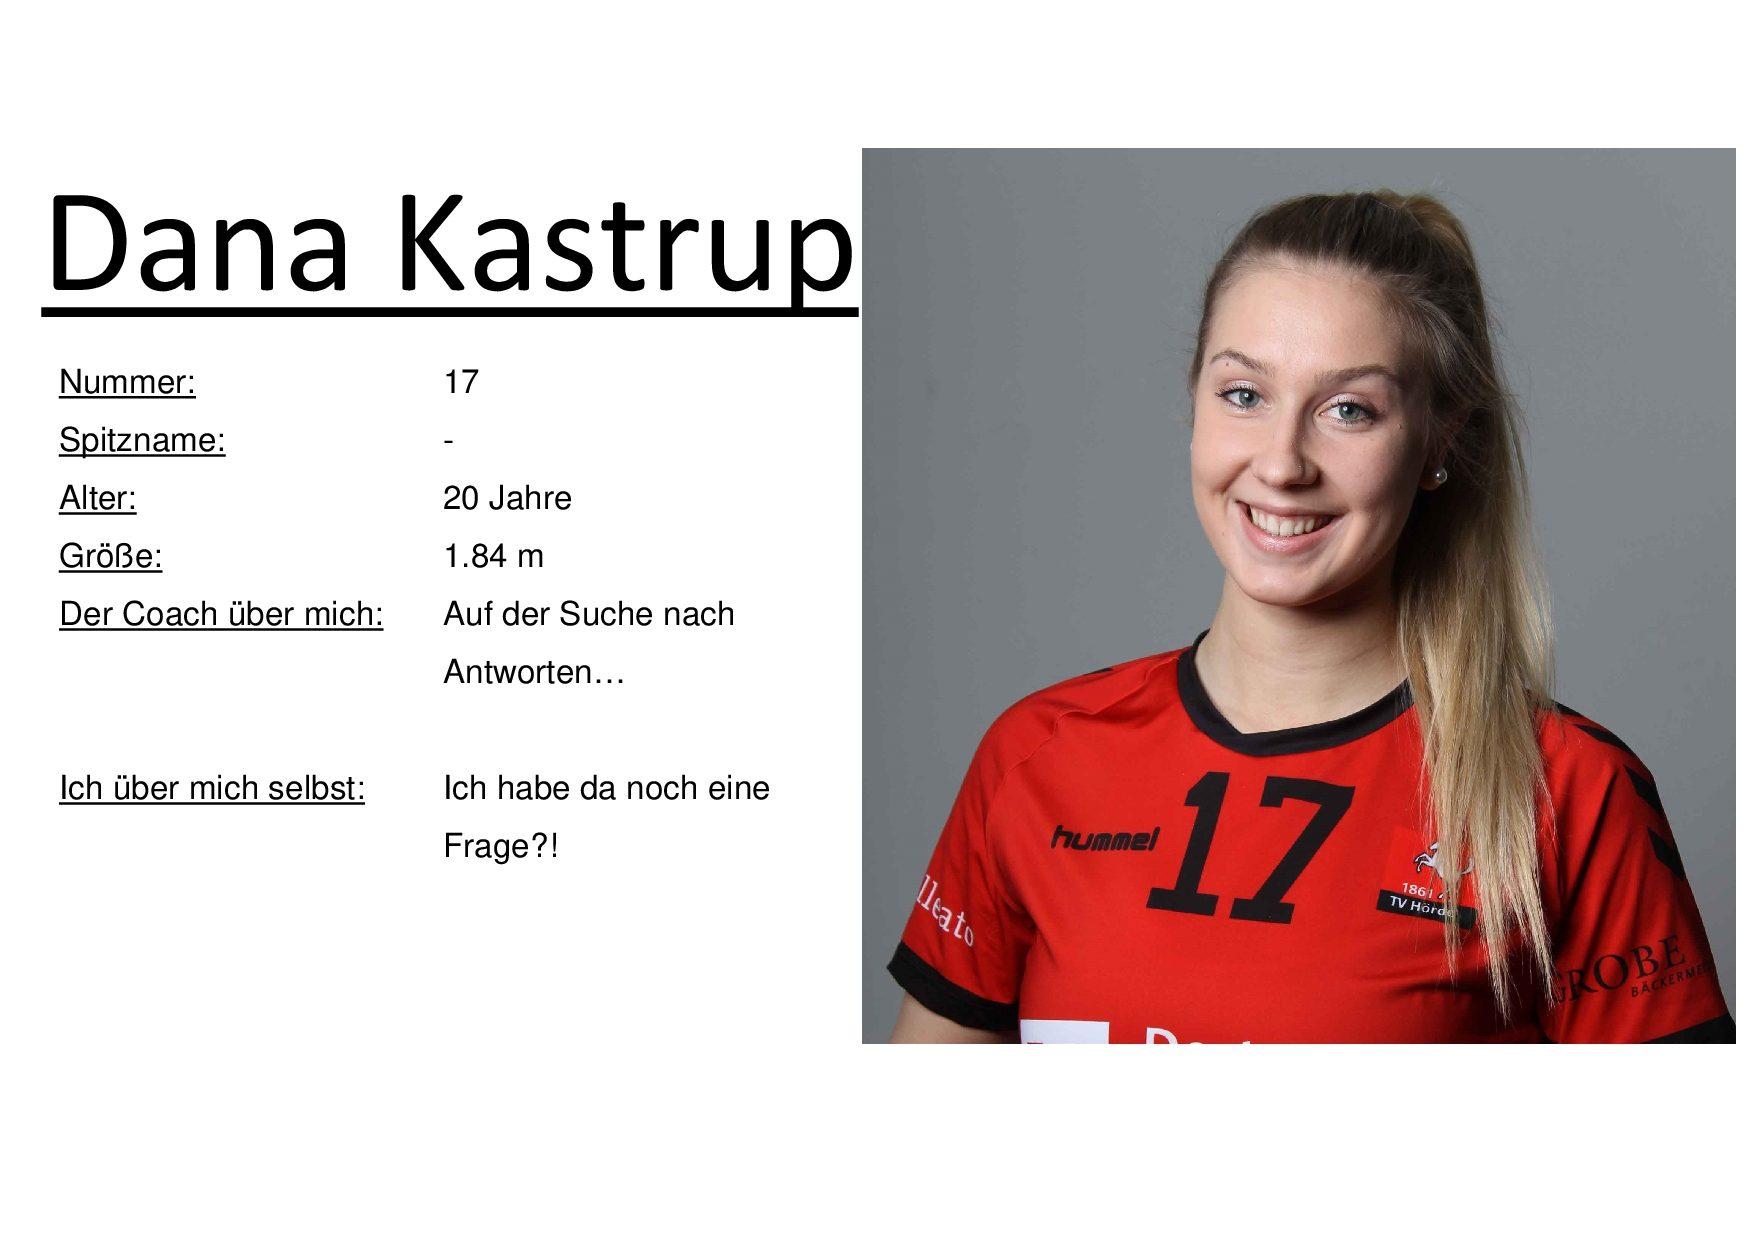 Dana Kastrup